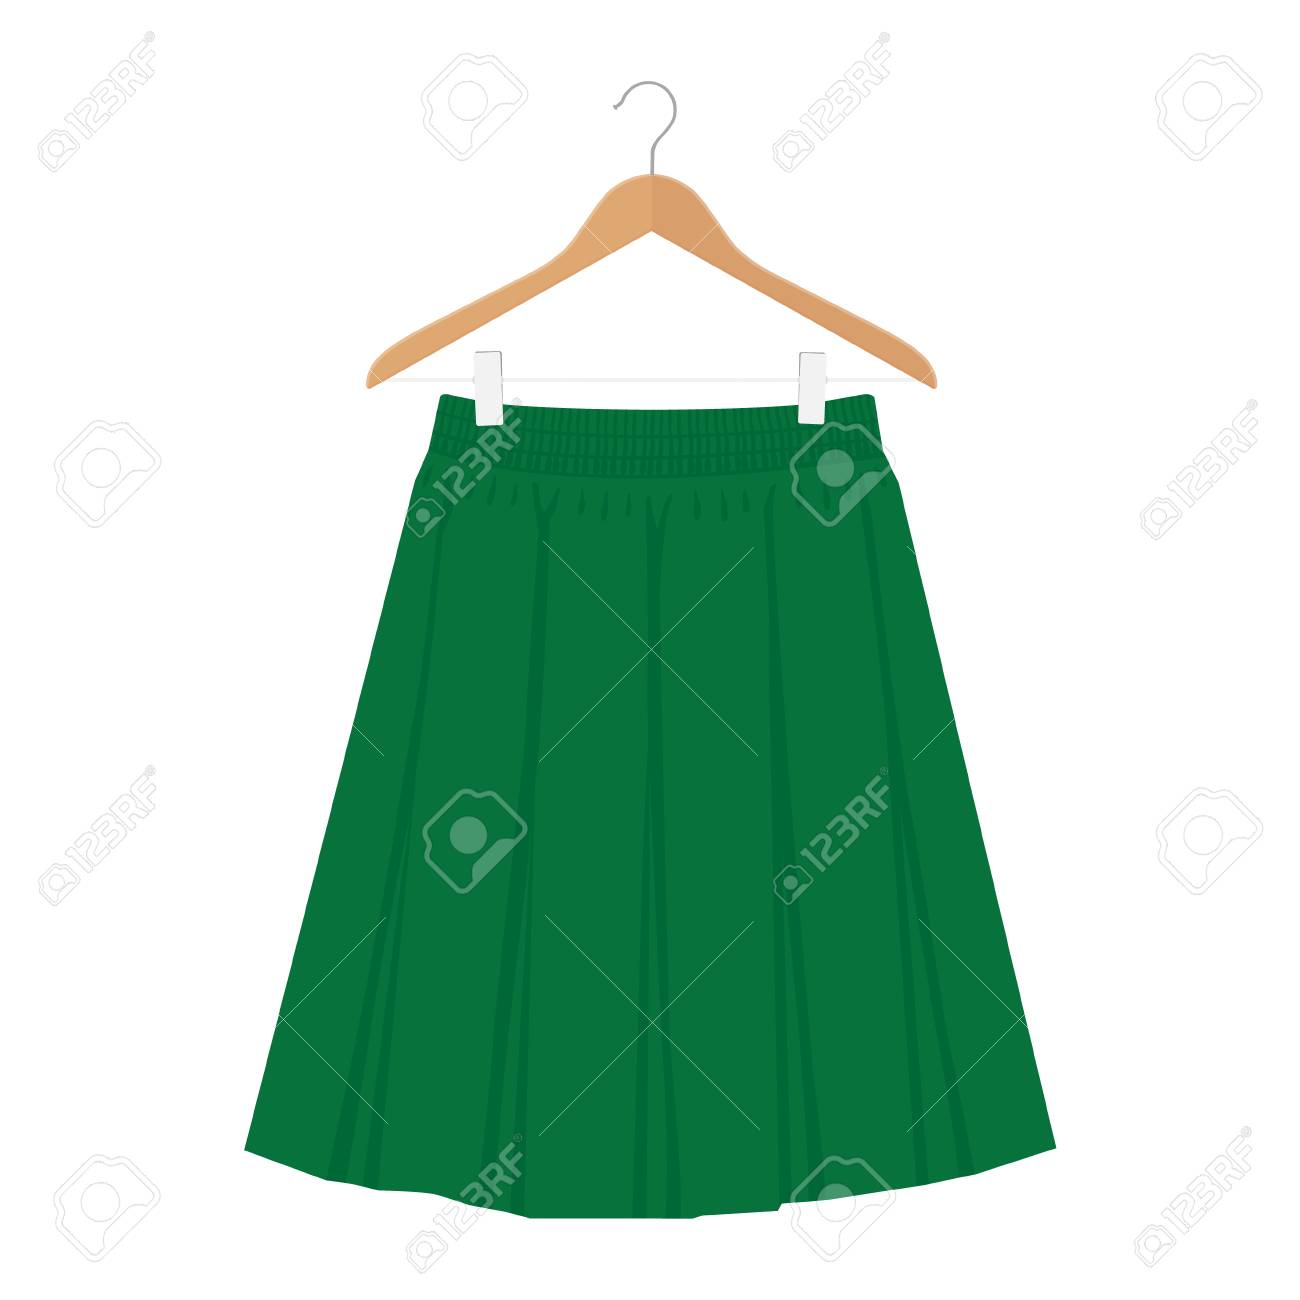 Vector green skirt template, design fashion woman illustration. Women box pleated skirt on hanger - 116070662